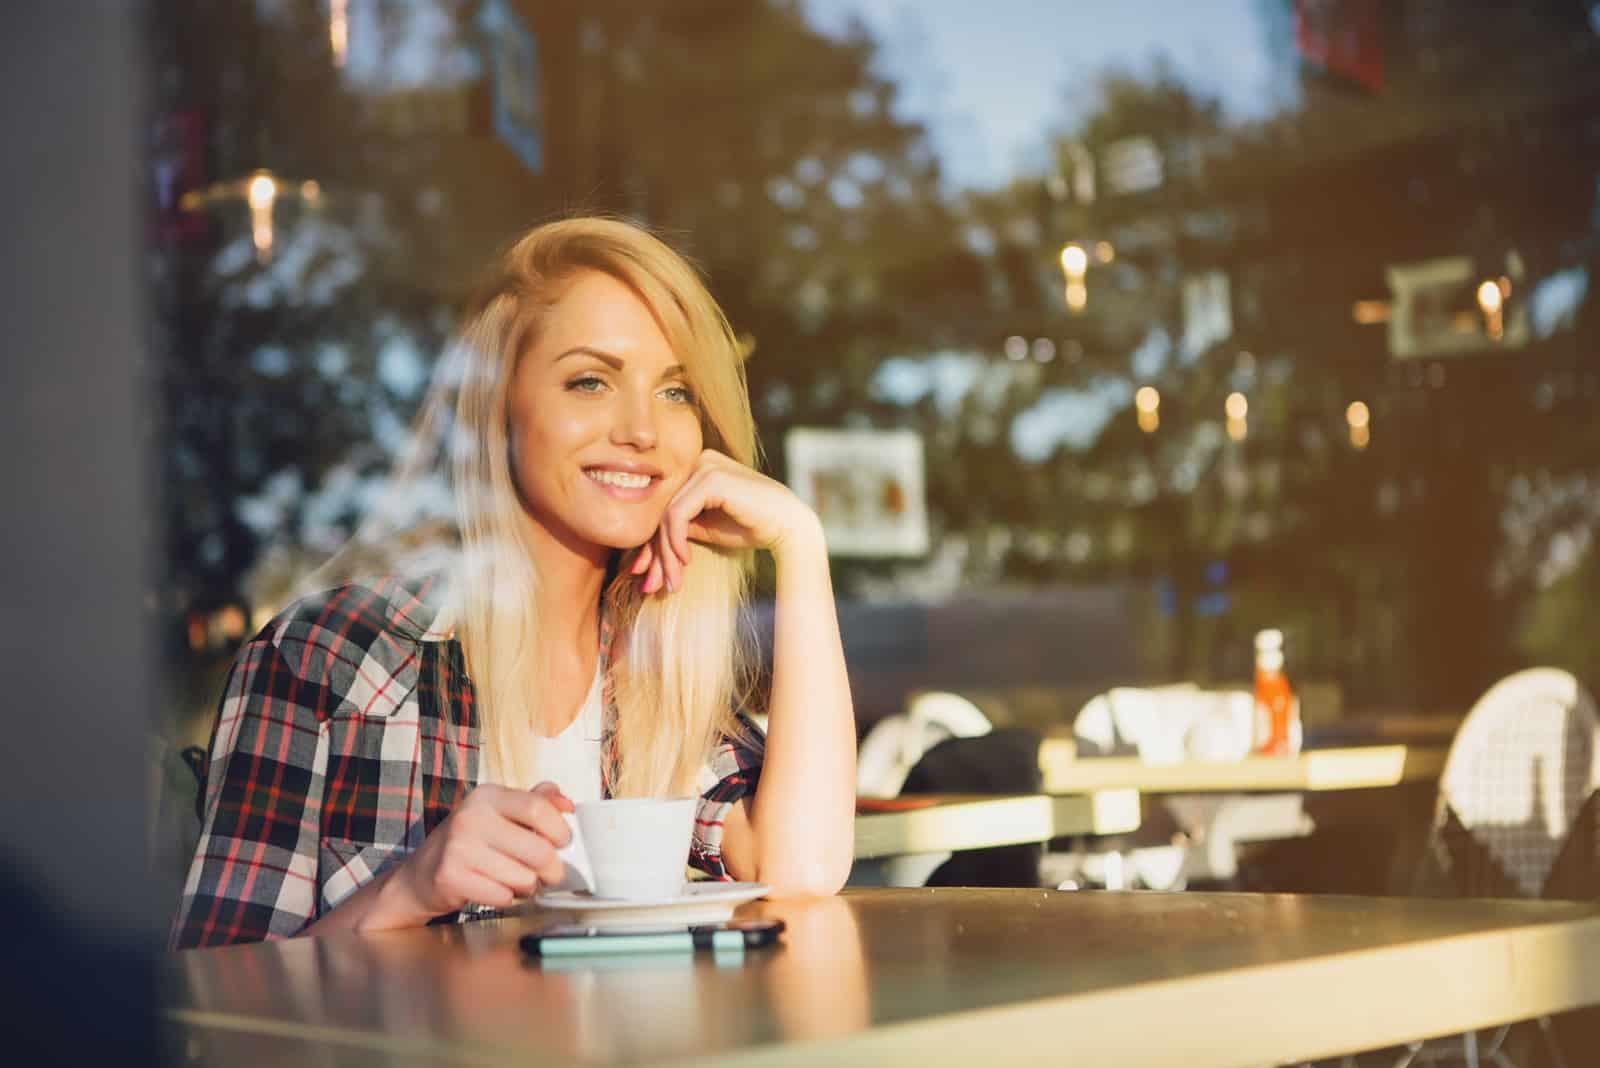 eine lächelnde blonde Frau, die Kaffee trinkt